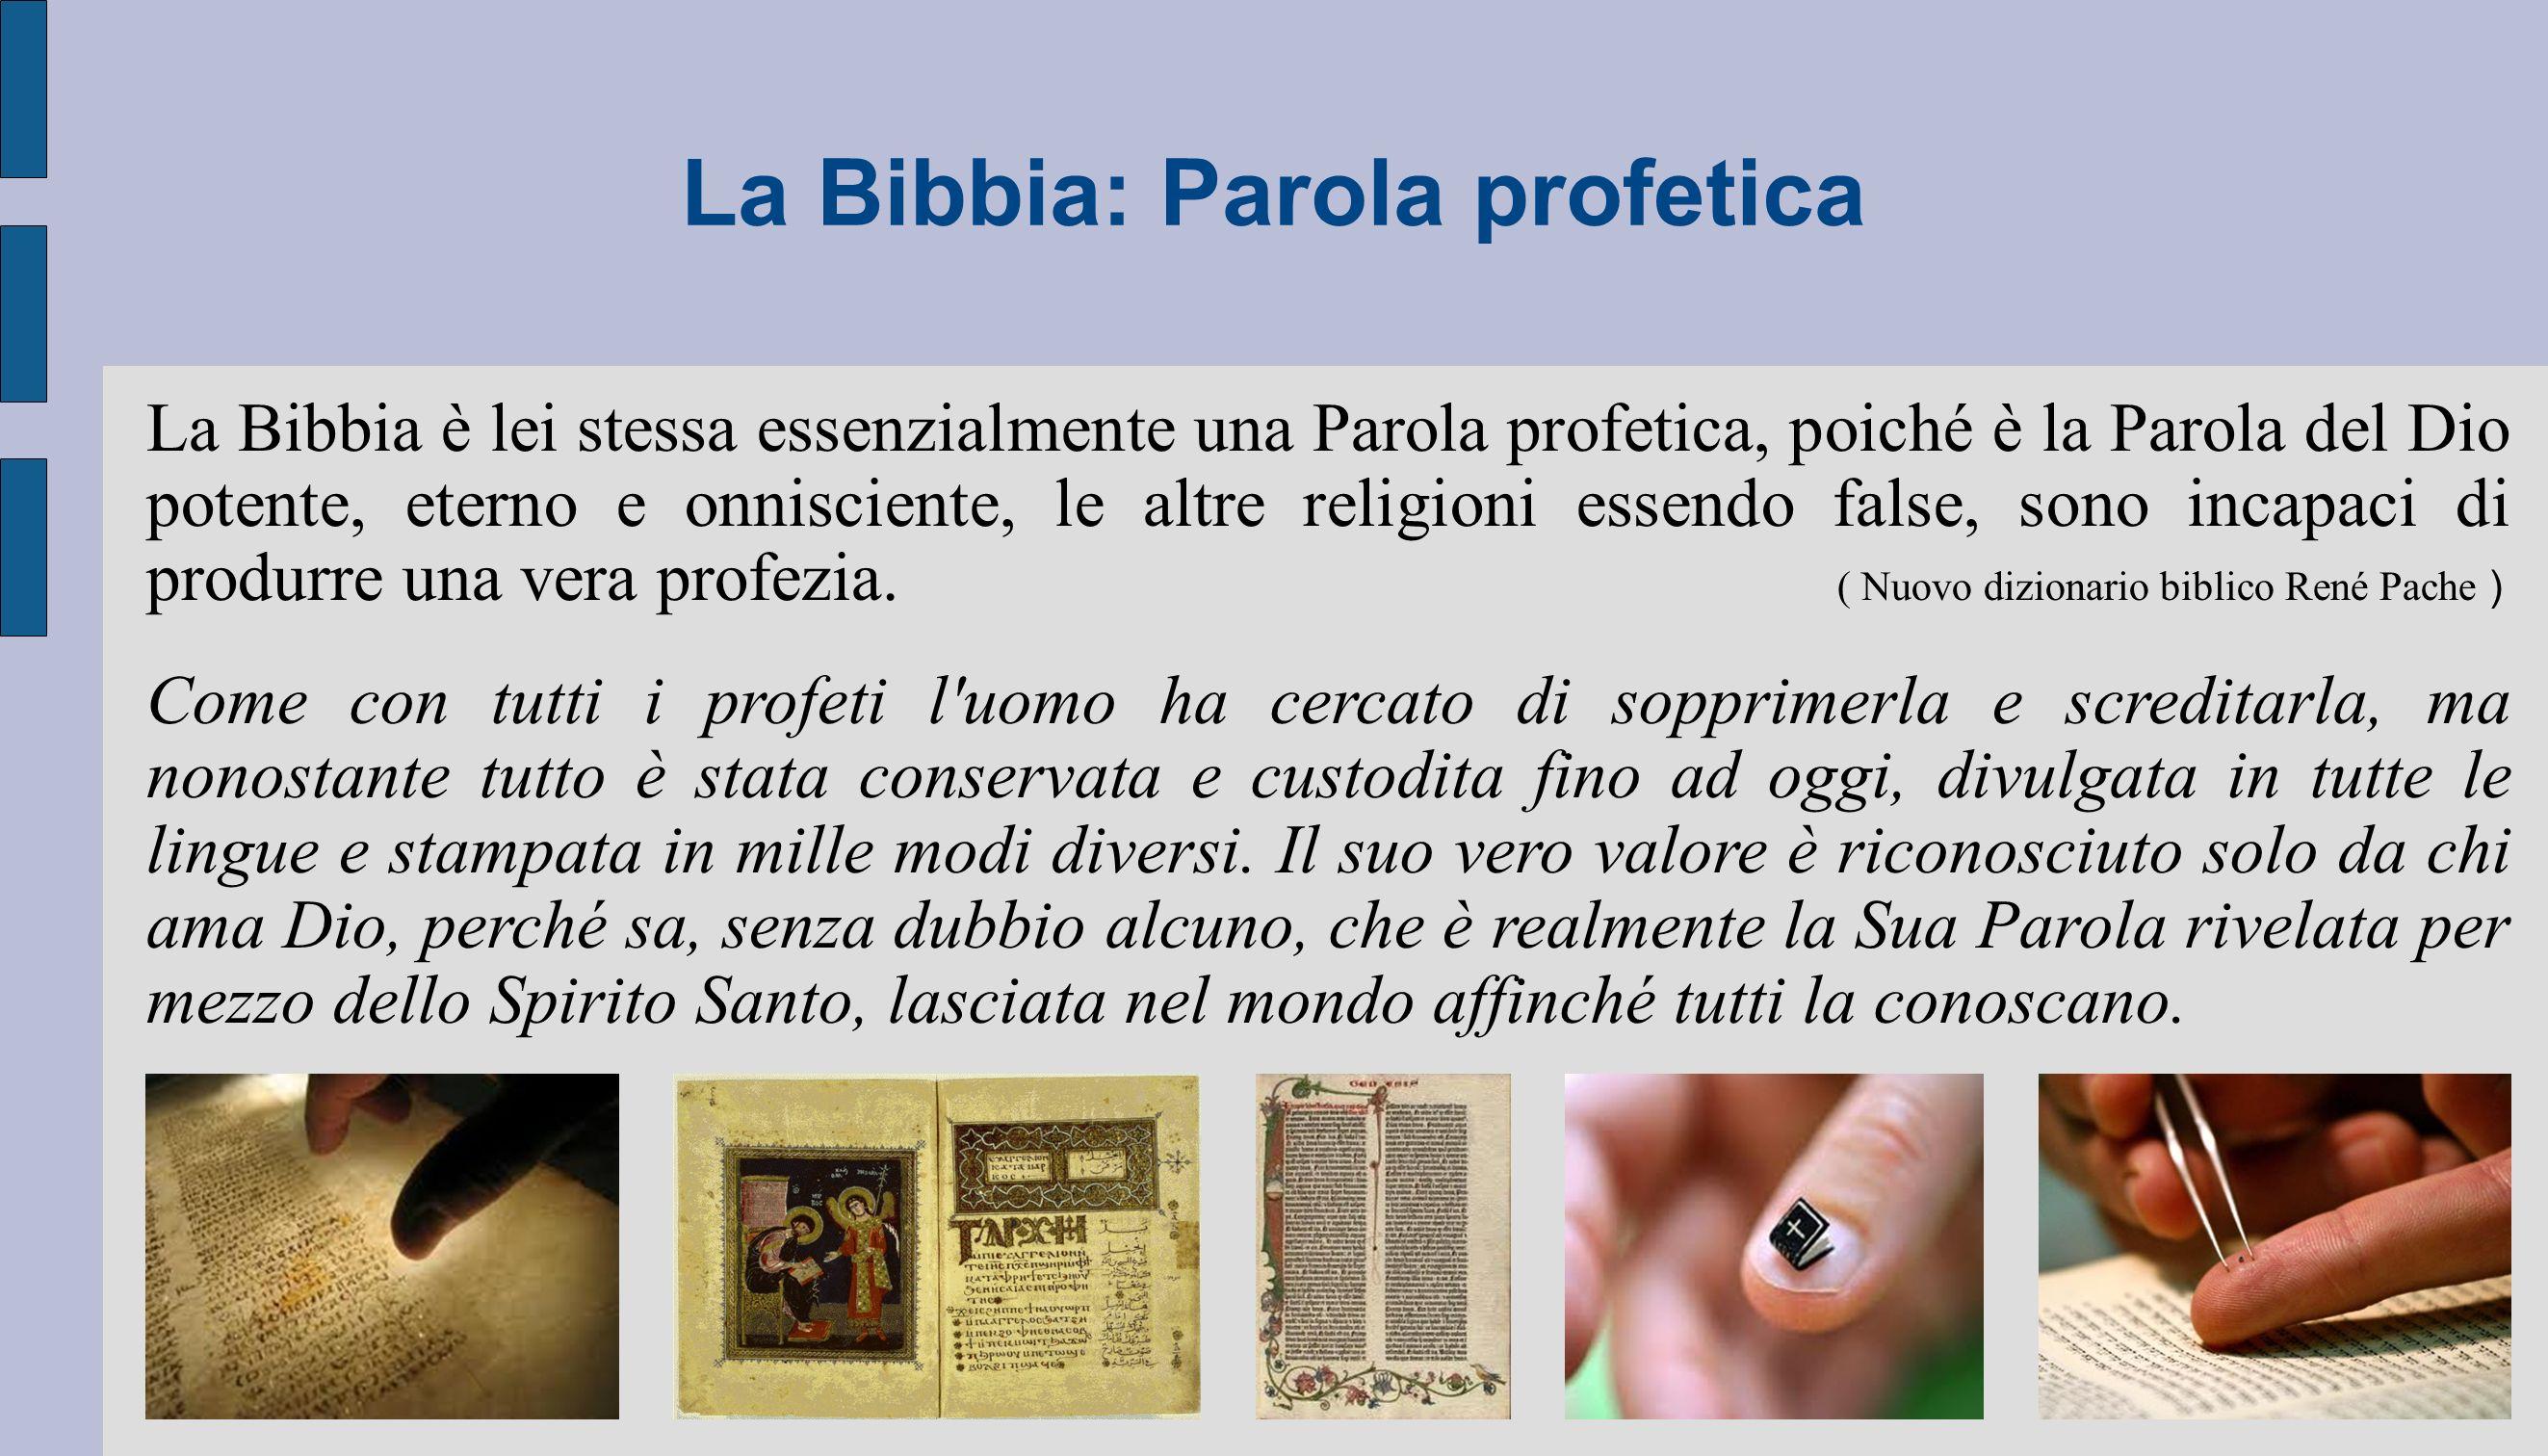 La Bibbia è lei stessa essenzialmente una Parola profetica, poiché è la Parola del Dio potente, eterno e onnisciente, le altre religioni essendo false